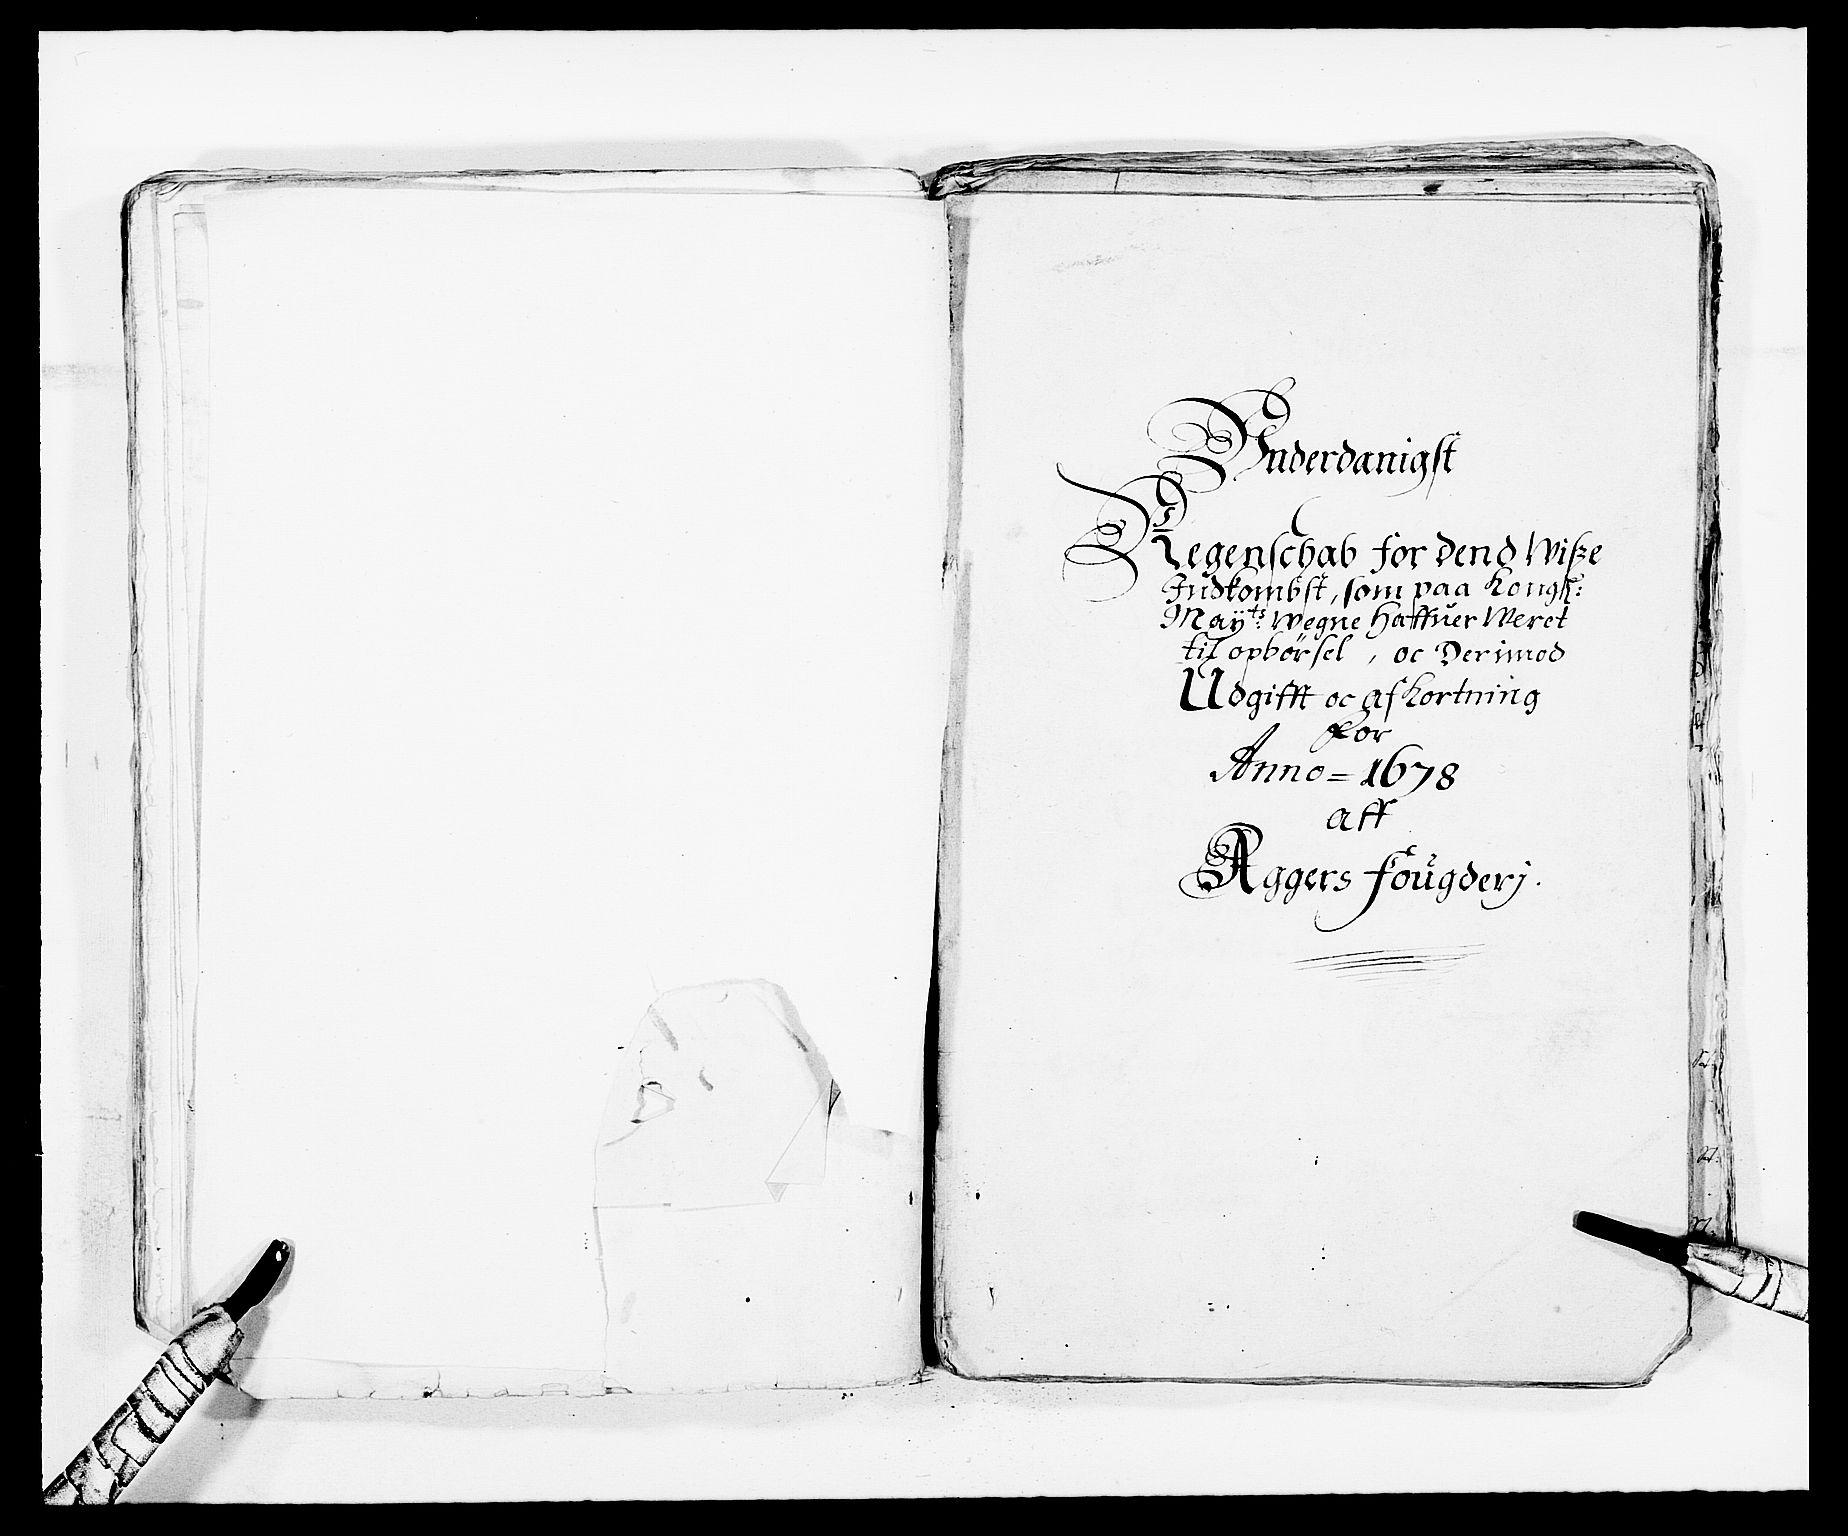 RA, Rentekammeret inntil 1814, Reviderte regnskaper, Fogderegnskap, R08/L0416: Fogderegnskap Aker, 1678-1681, s. 47